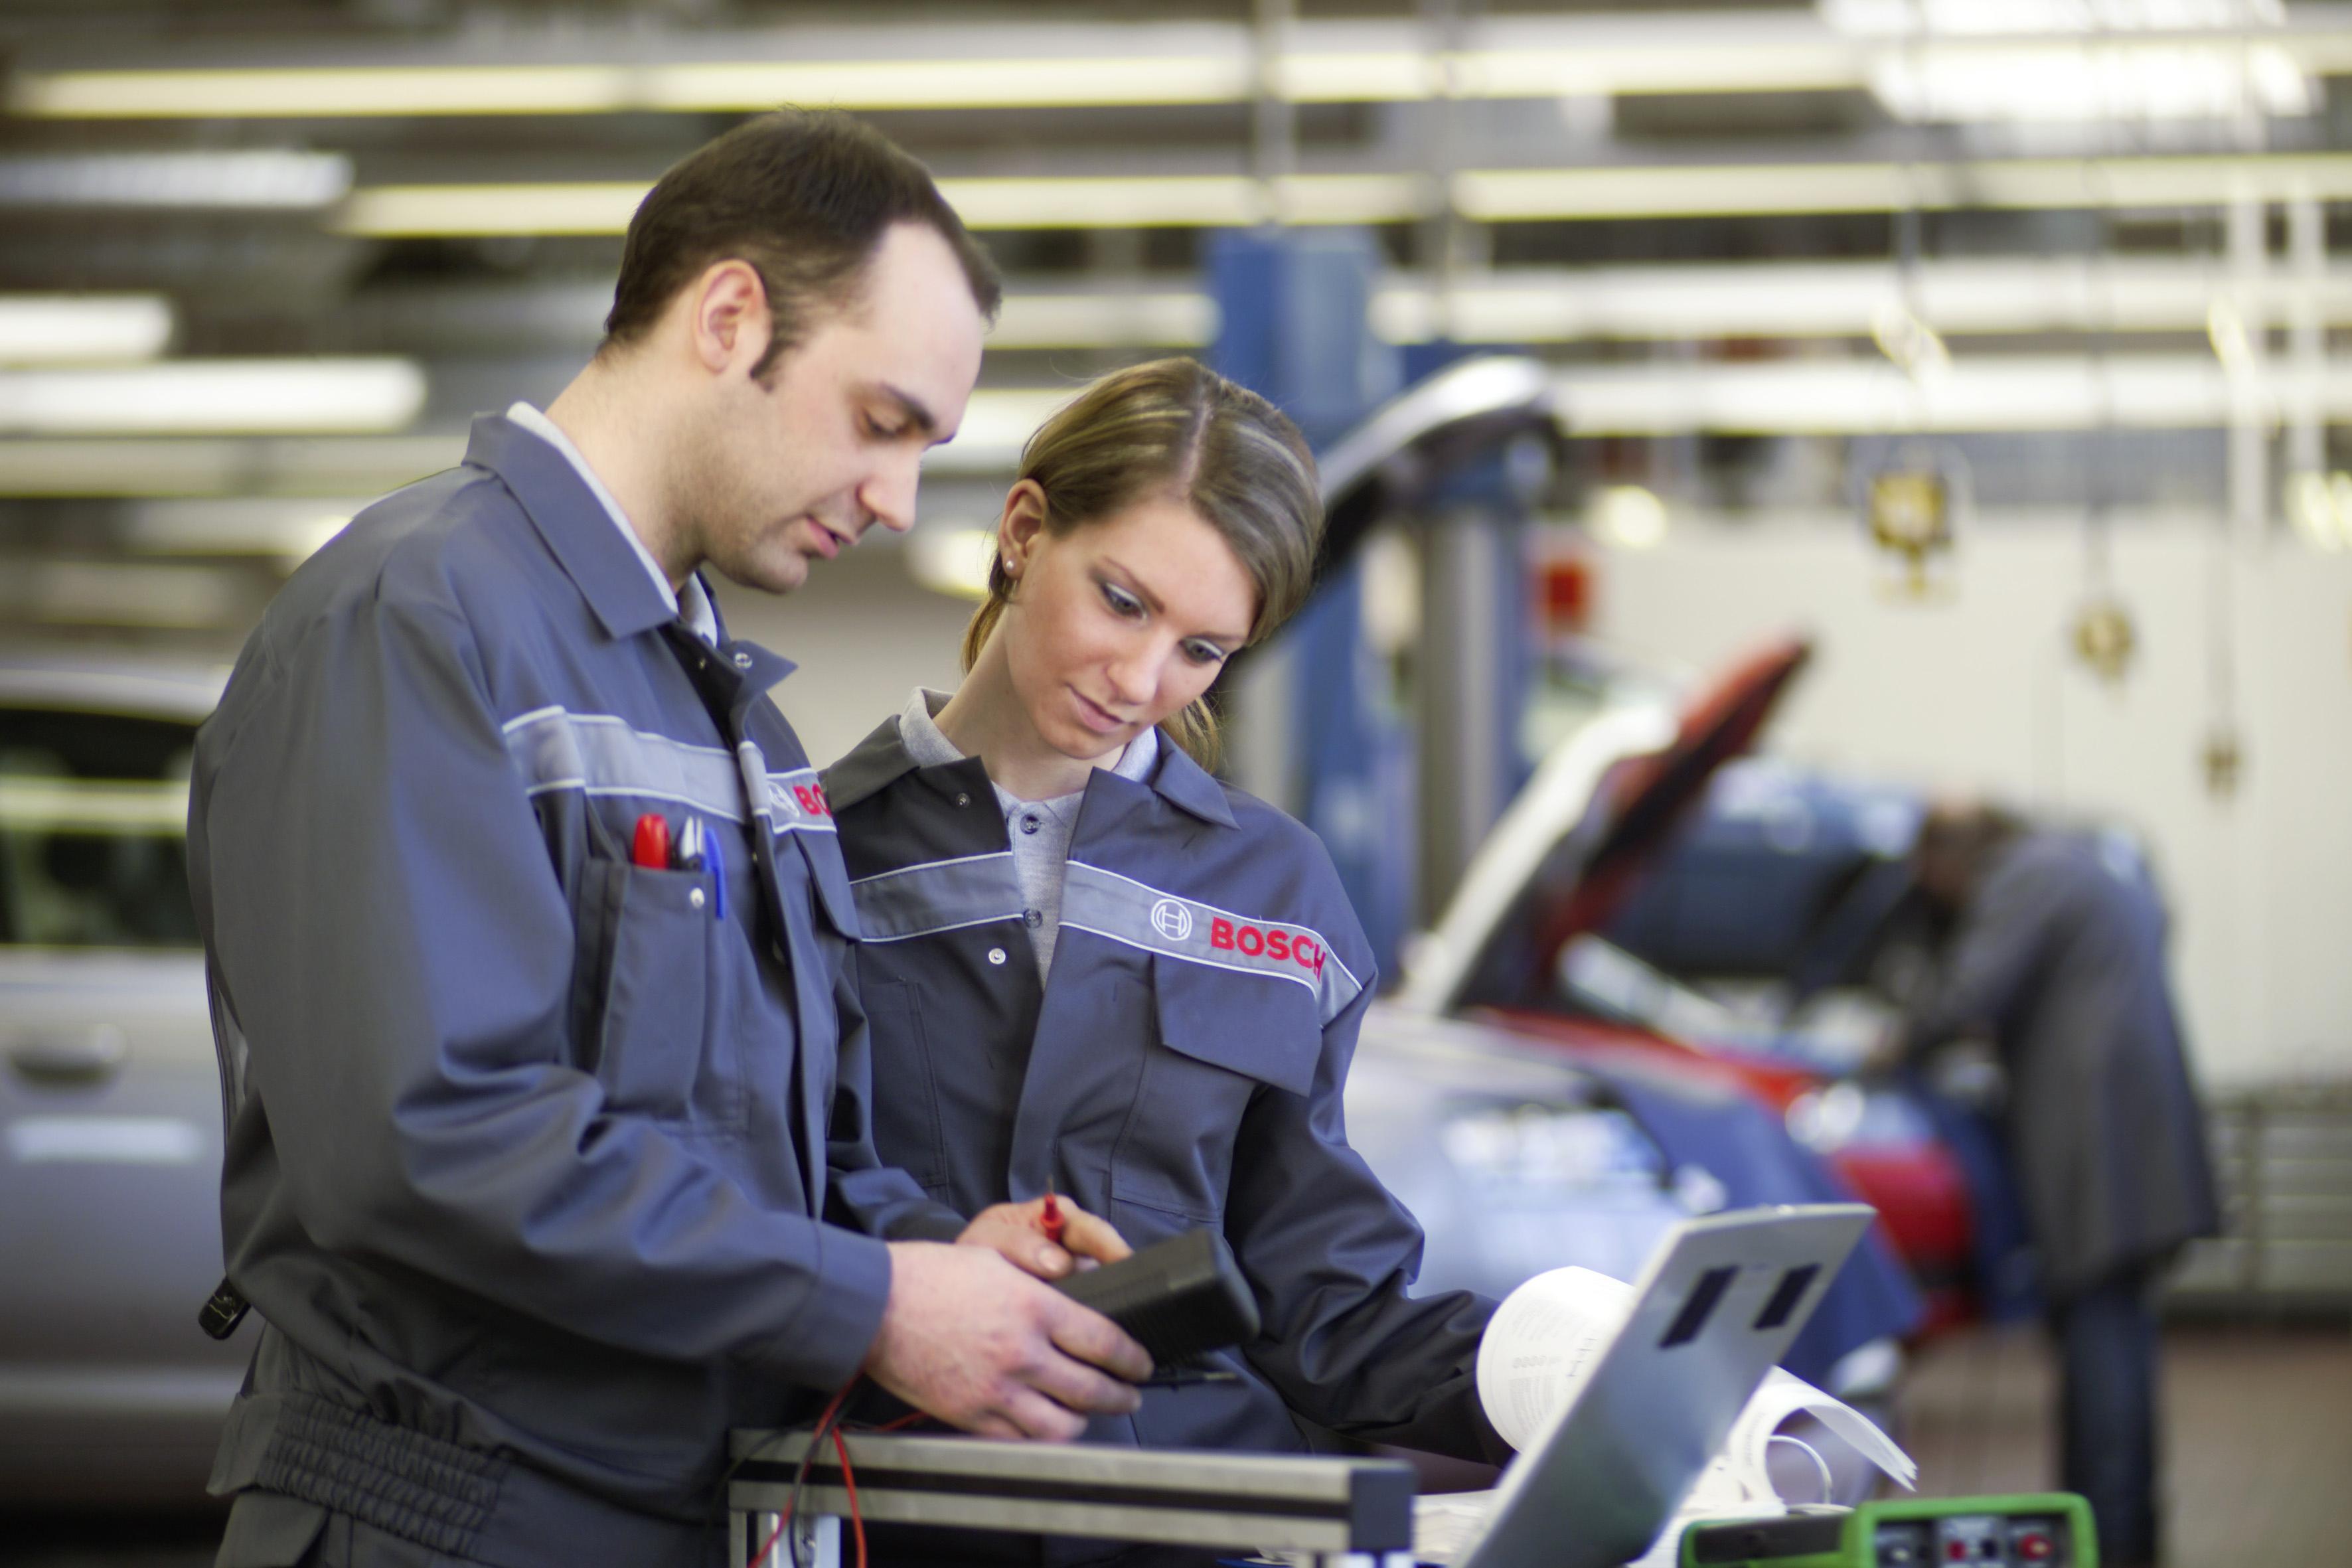 Bosch investuje do lidí, inovací a životního prostředí.